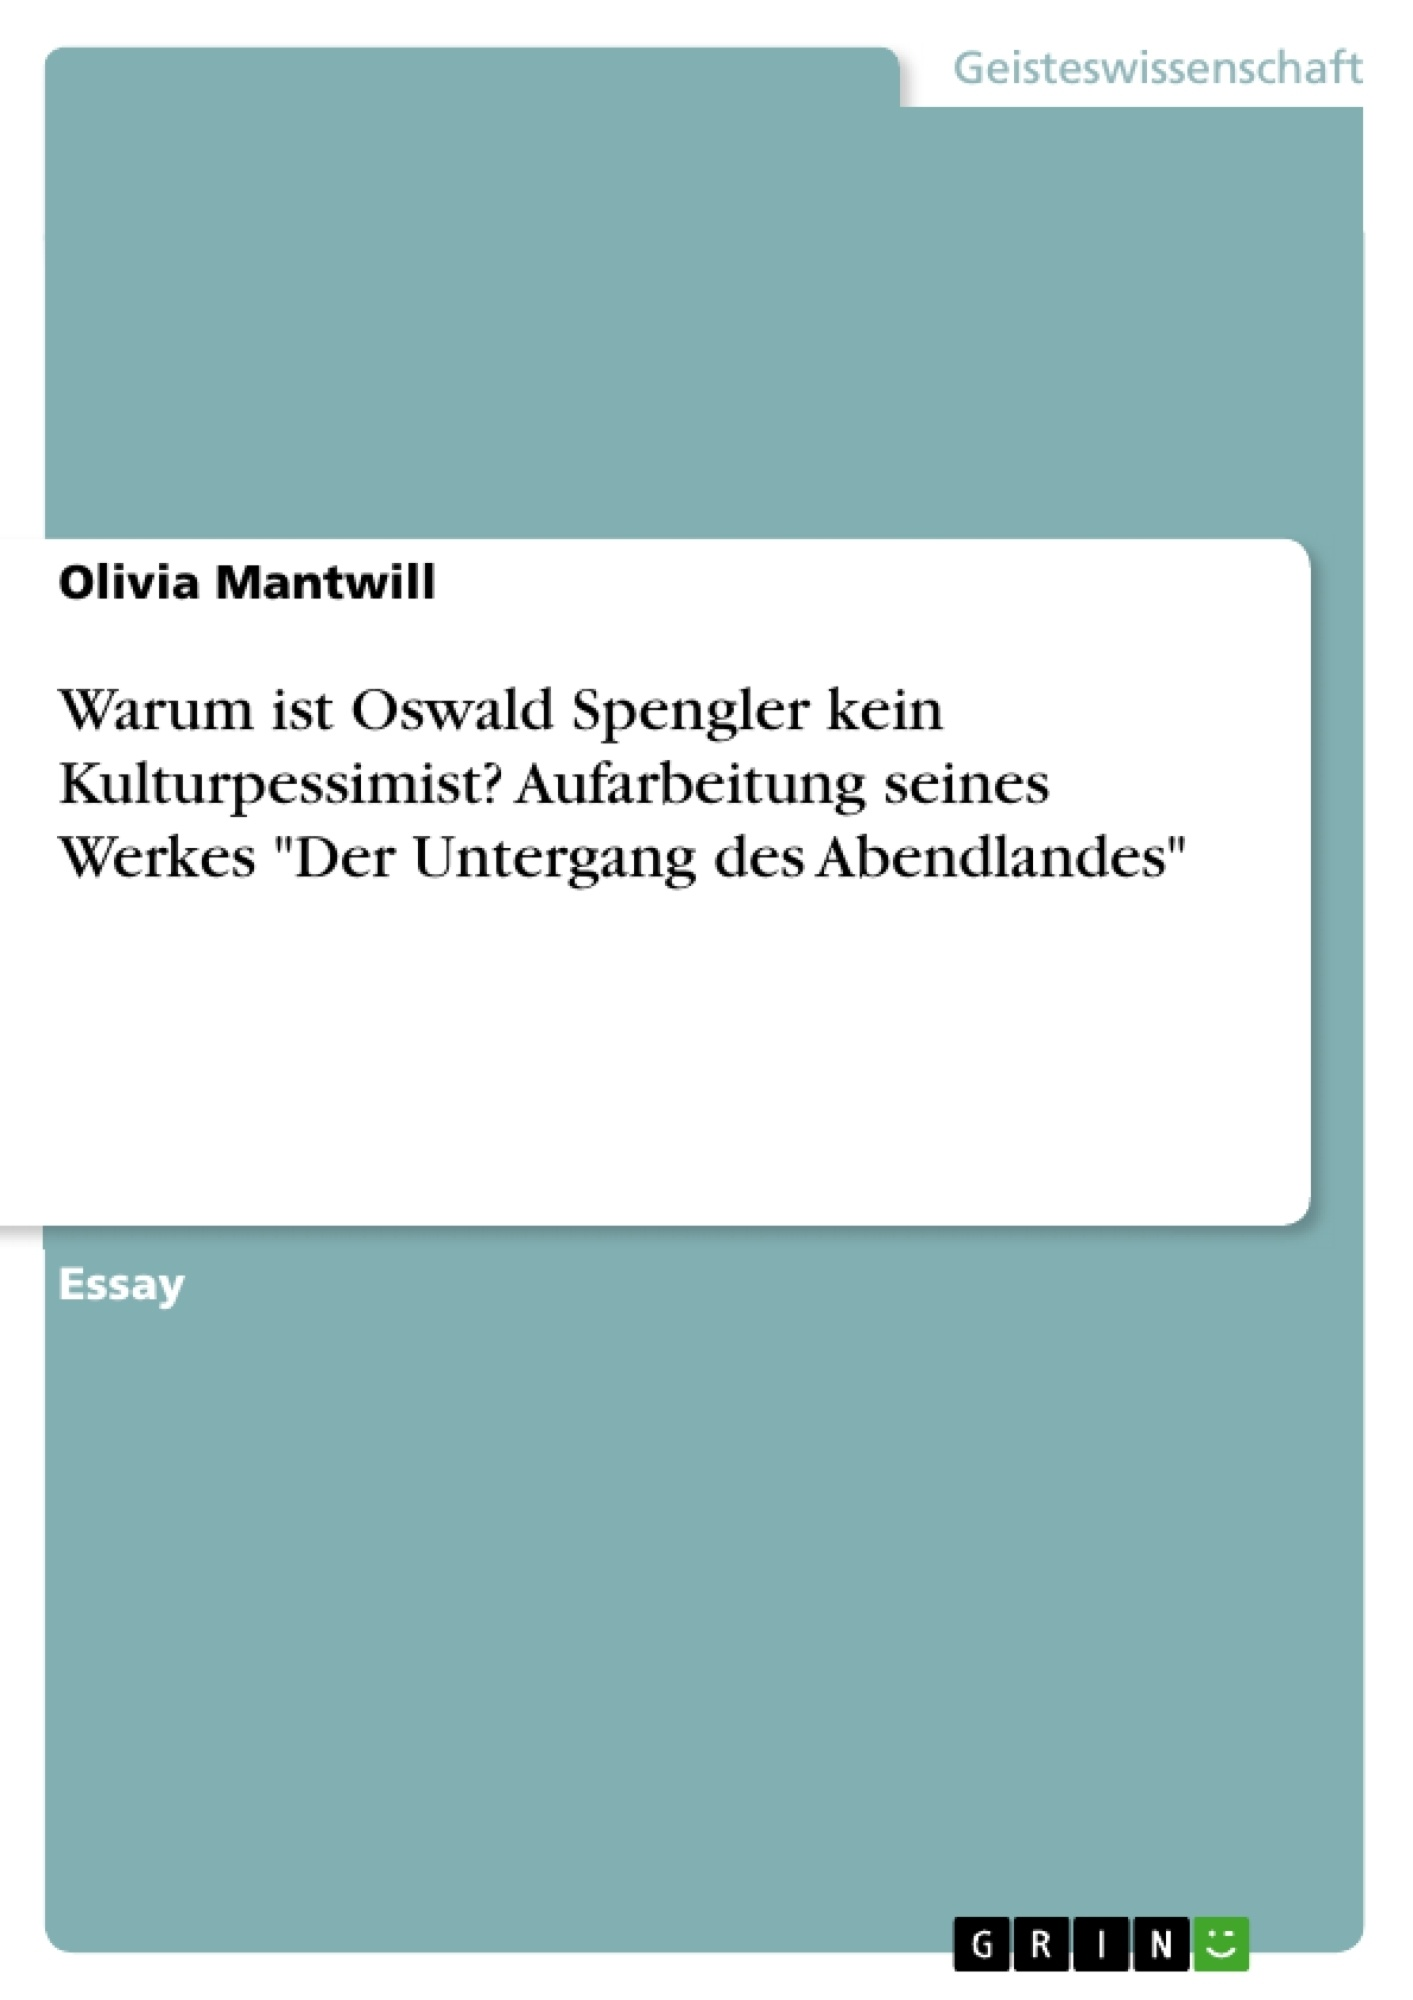 """Titel: Warum ist Oswald Spengler kein Kulturpessimist? Aufarbeitung seines Werkes """"Der Untergang des Abendlandes"""""""